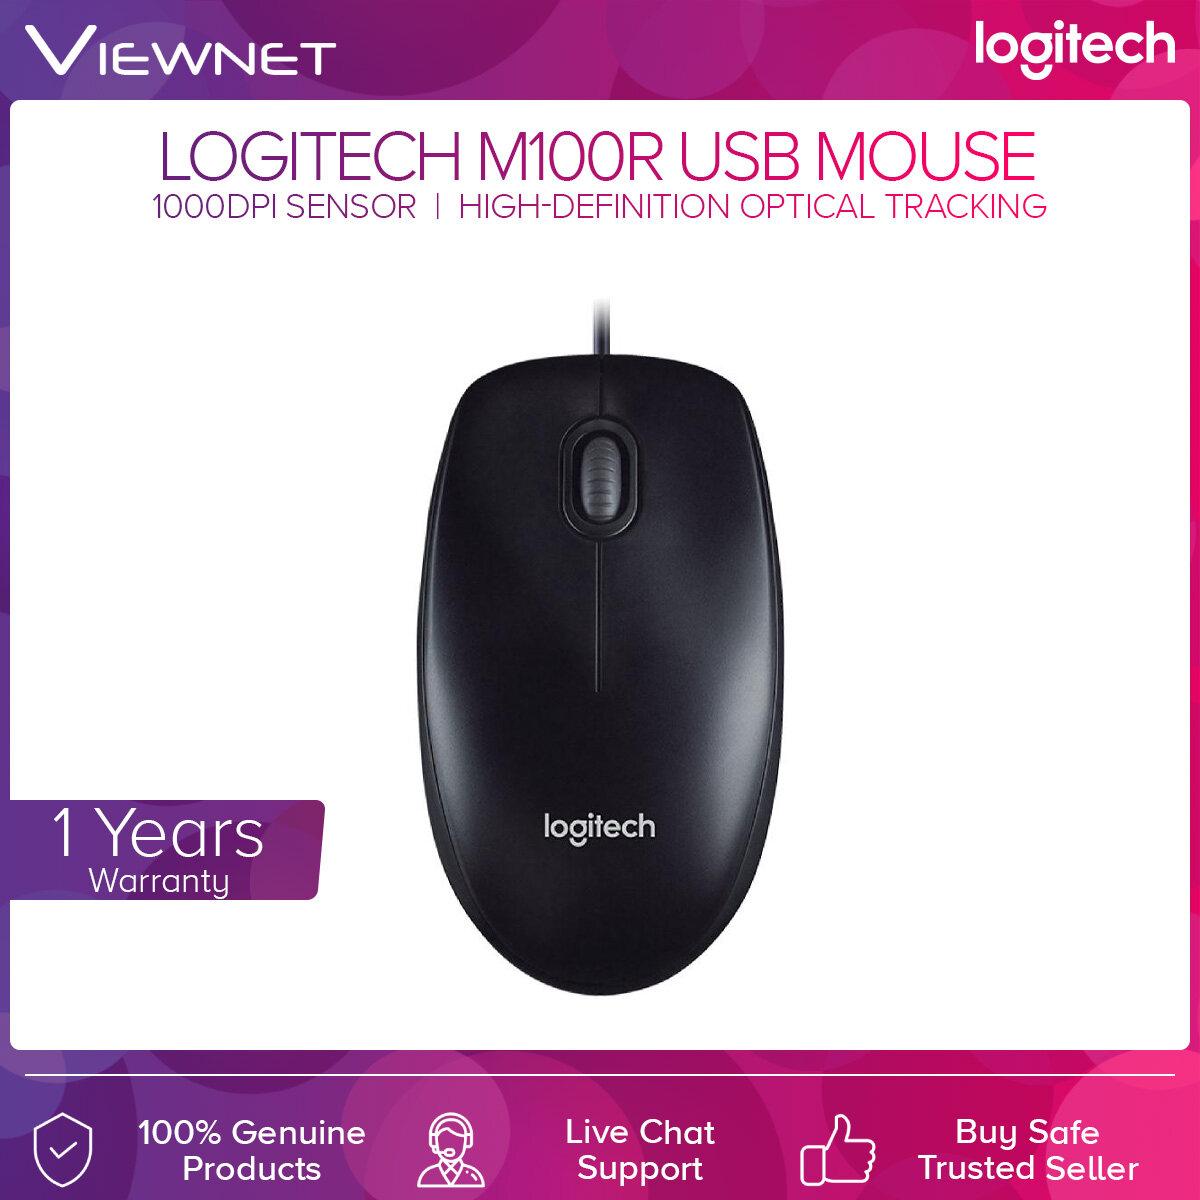 Logitech M100R USB Mouse - Black